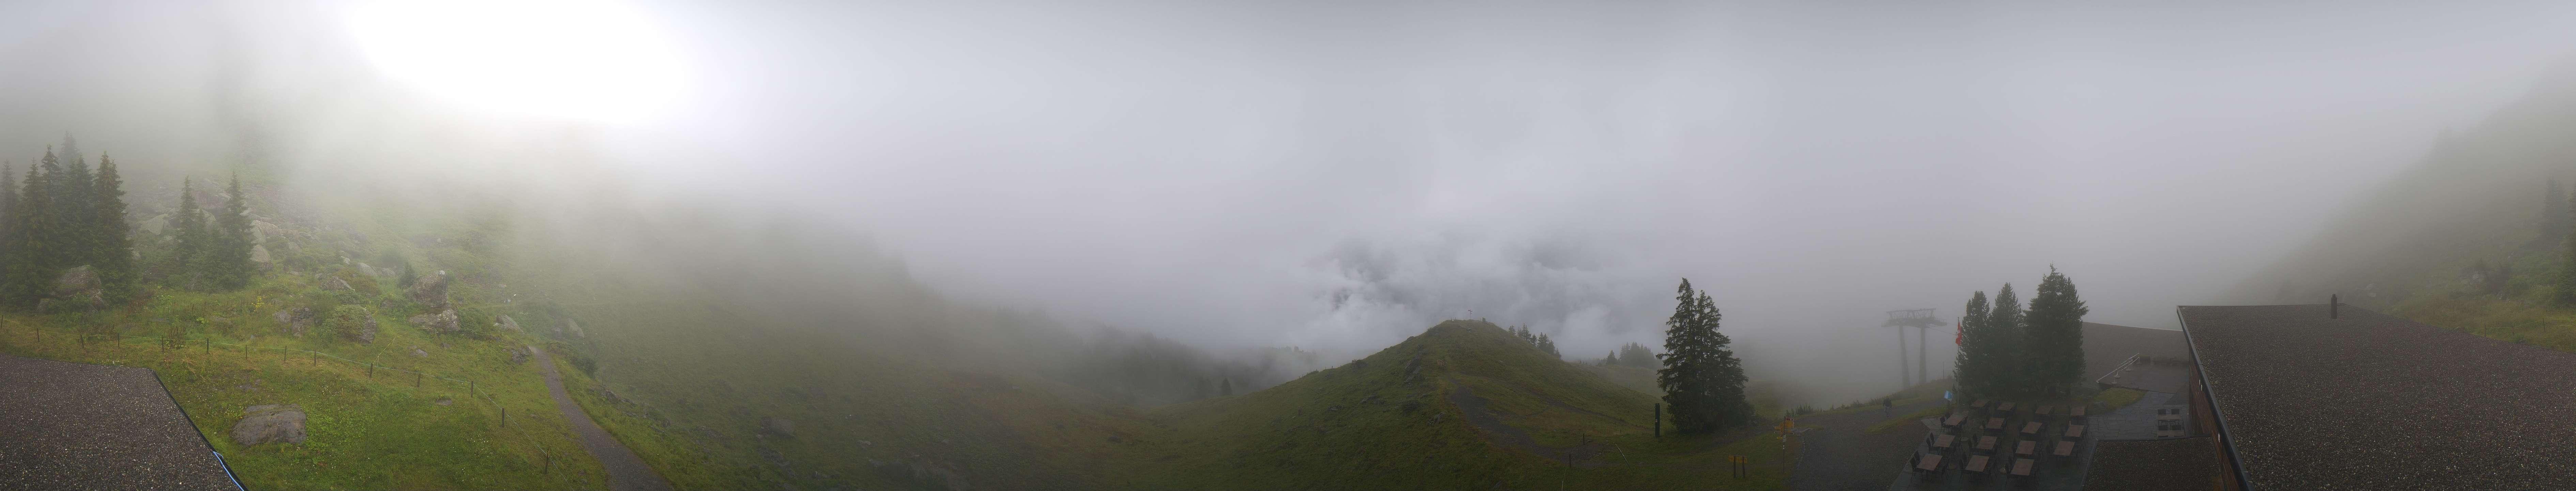 Webcam Braunwald Gumen